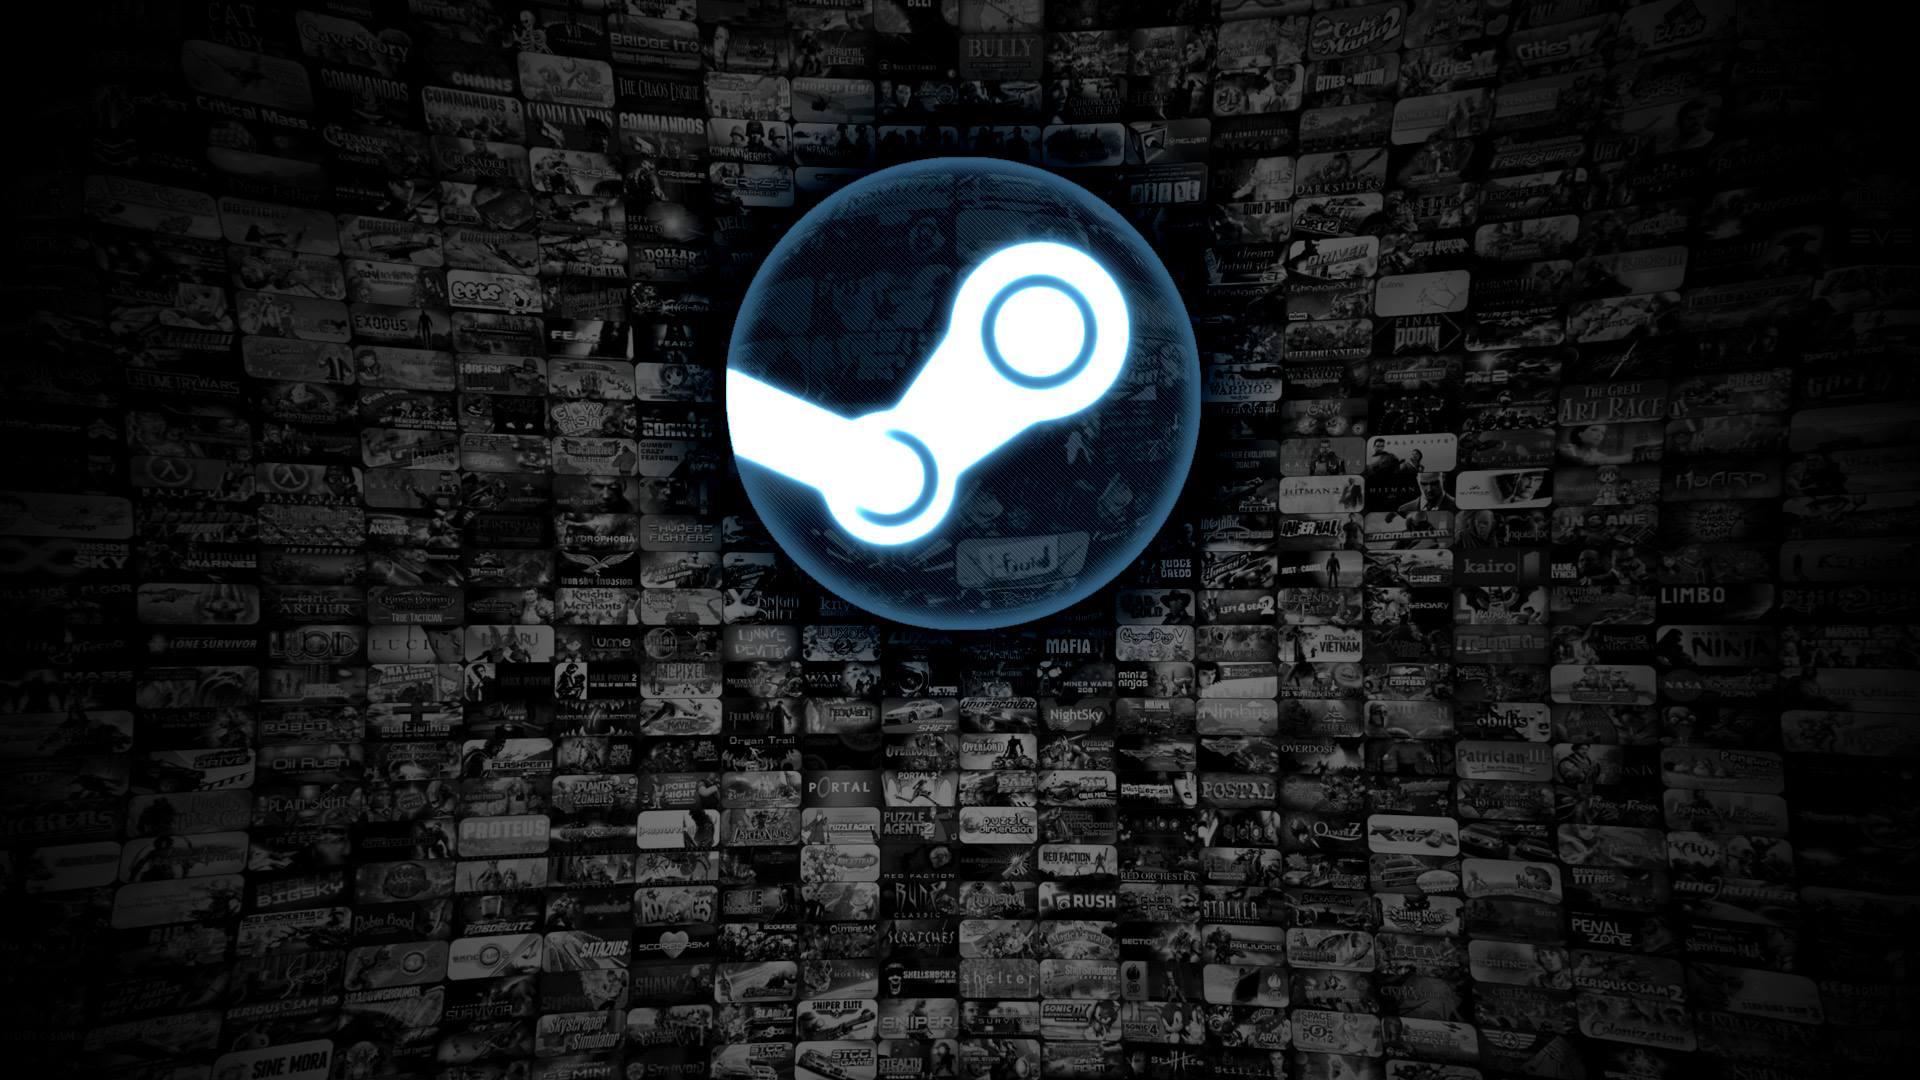 Aż 10 gier za DARMO (m.in.: Grid 2, Injustice, Payday 2, XCOM: Enemy Unknown i inne)  @ Steam